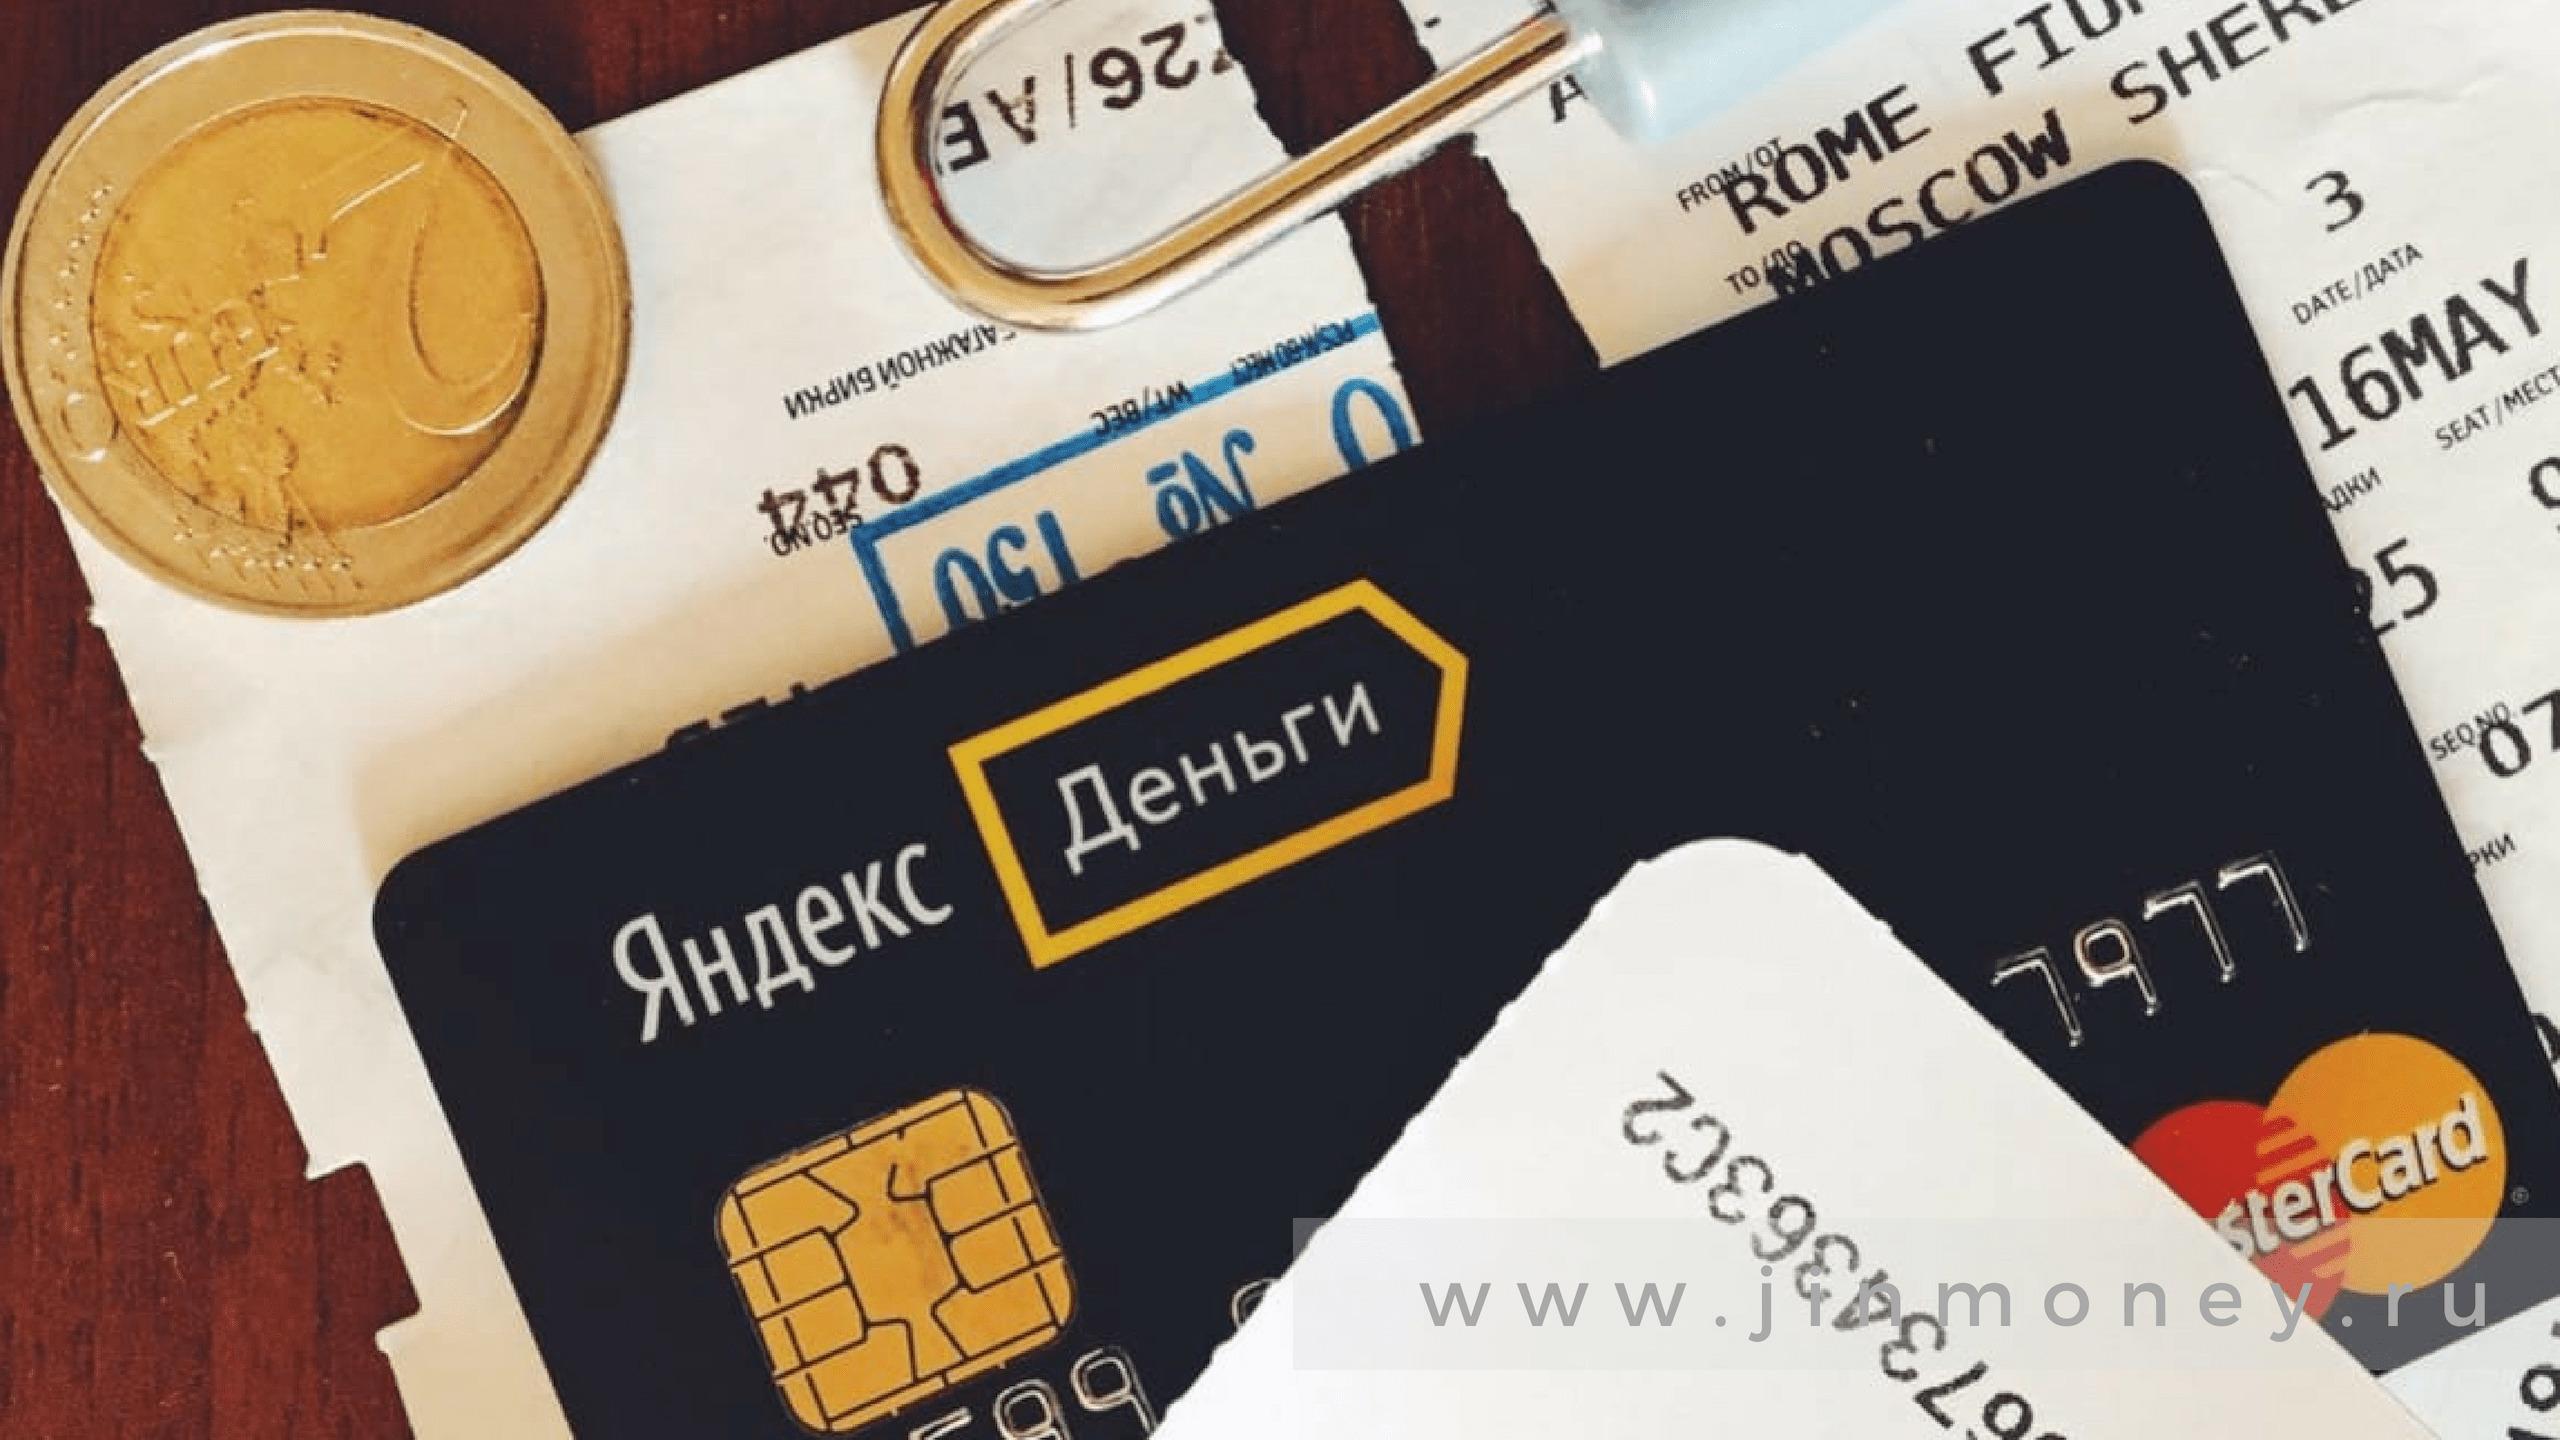 яндекс.деньги мультивалютные счета с чарджбэком